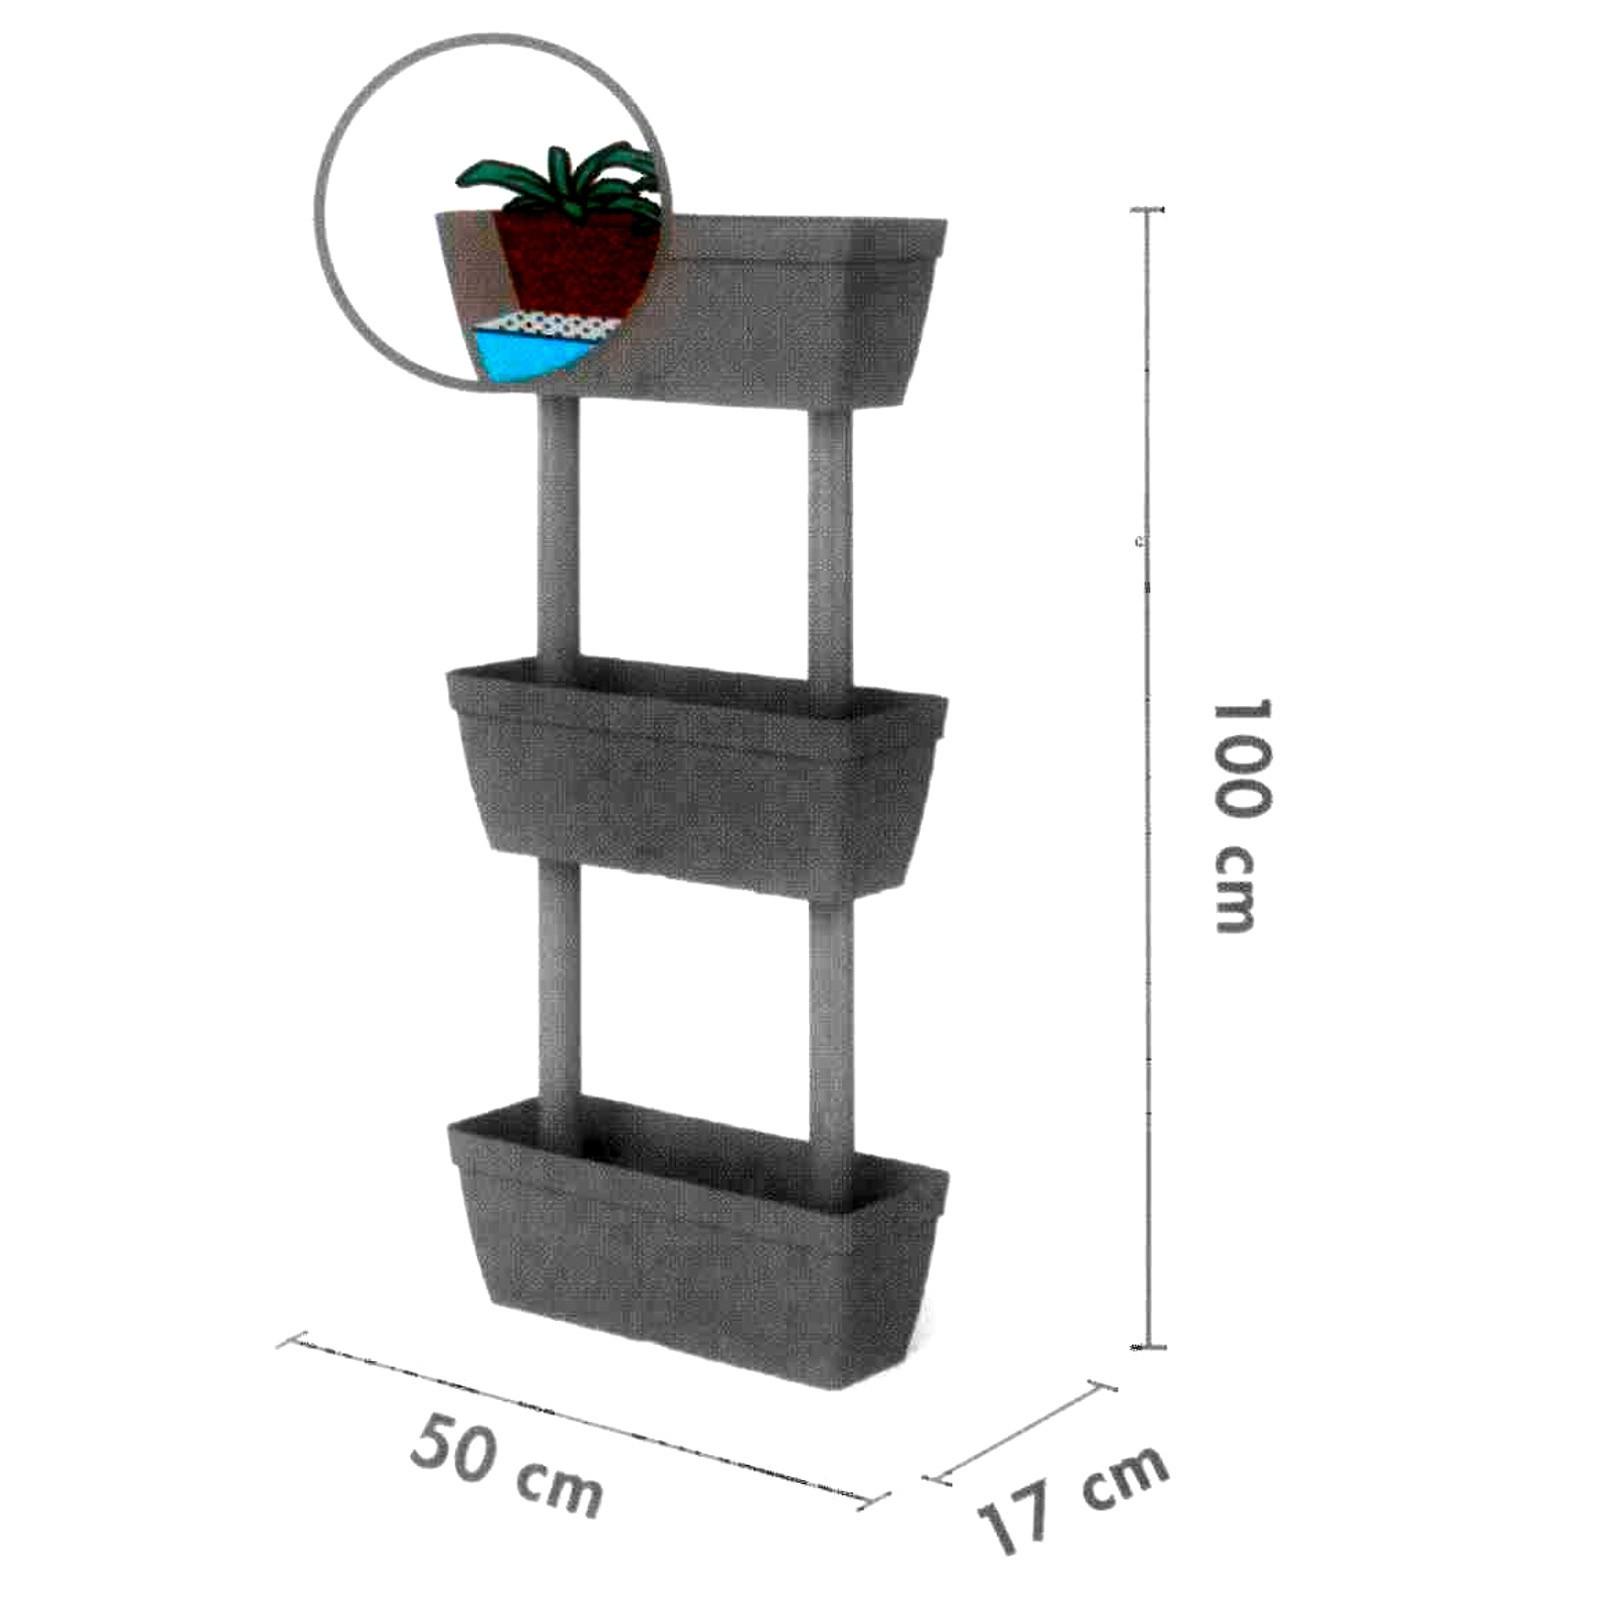 senkrechtgarten blumenkasten 3tlg blumentopf pflanzk bel. Black Bedroom Furniture Sets. Home Design Ideas